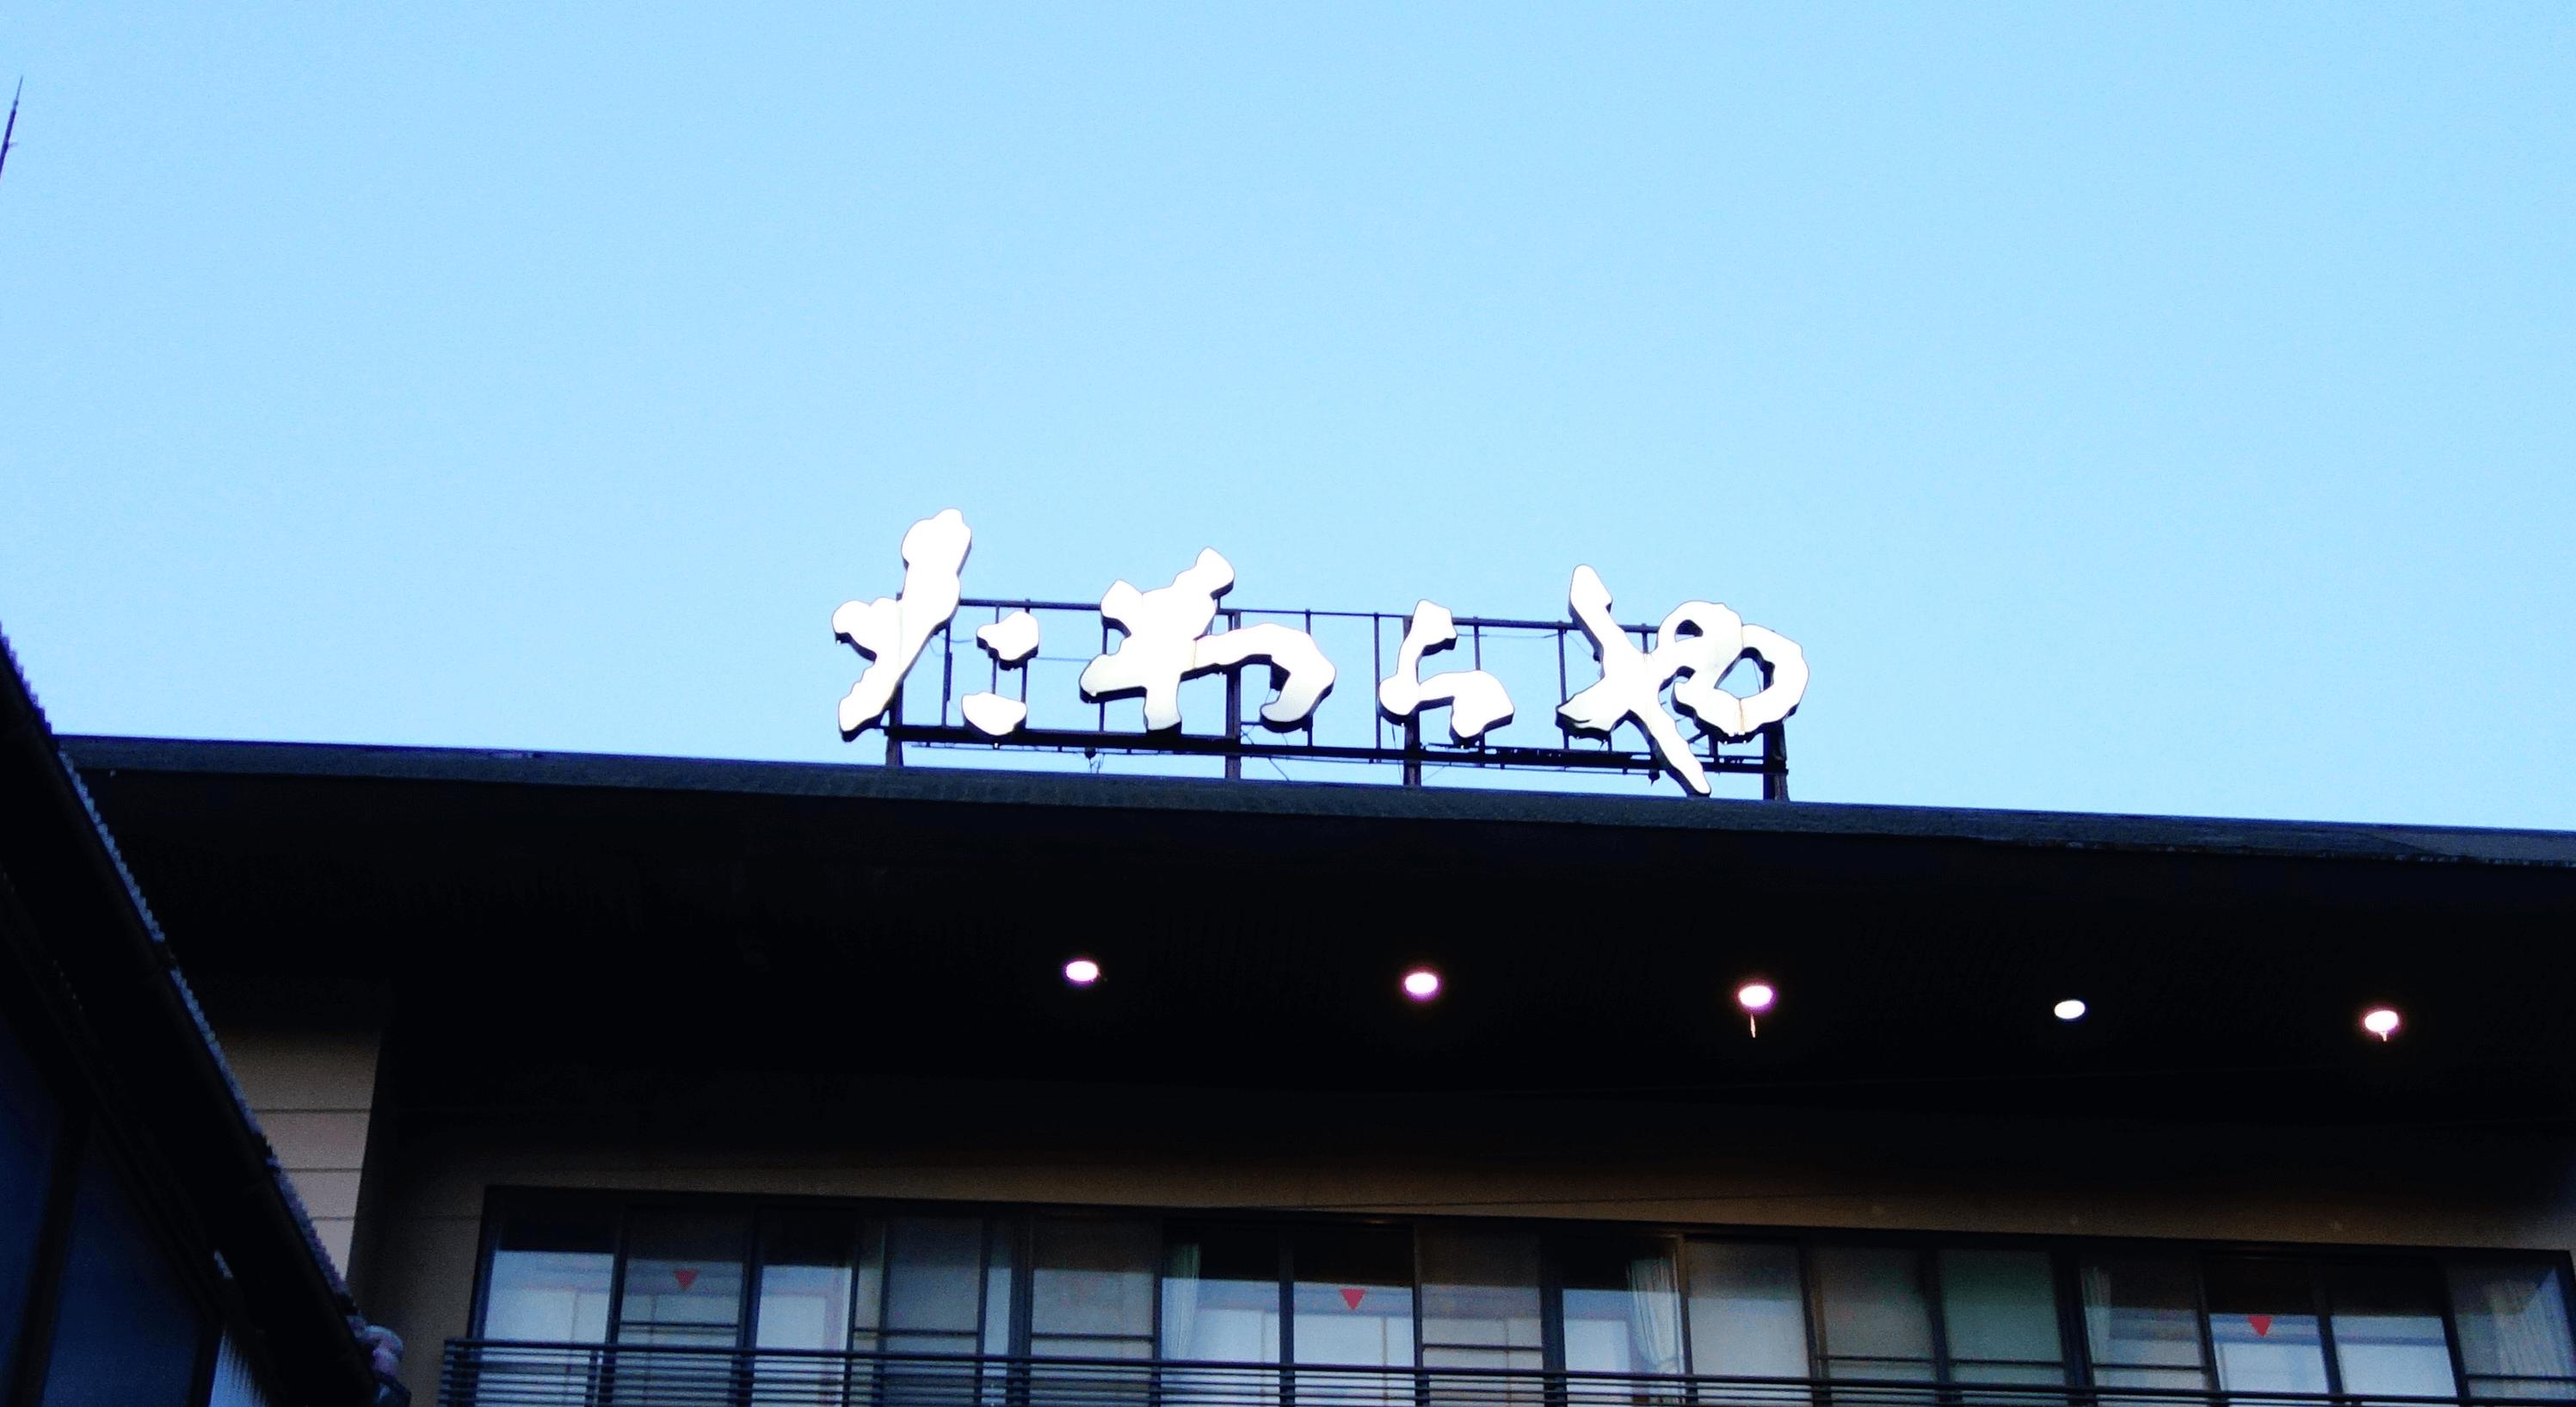 白鷺湯たわらや|加賀市にある創業800年山中温泉の中でも湯量豊富な温泉